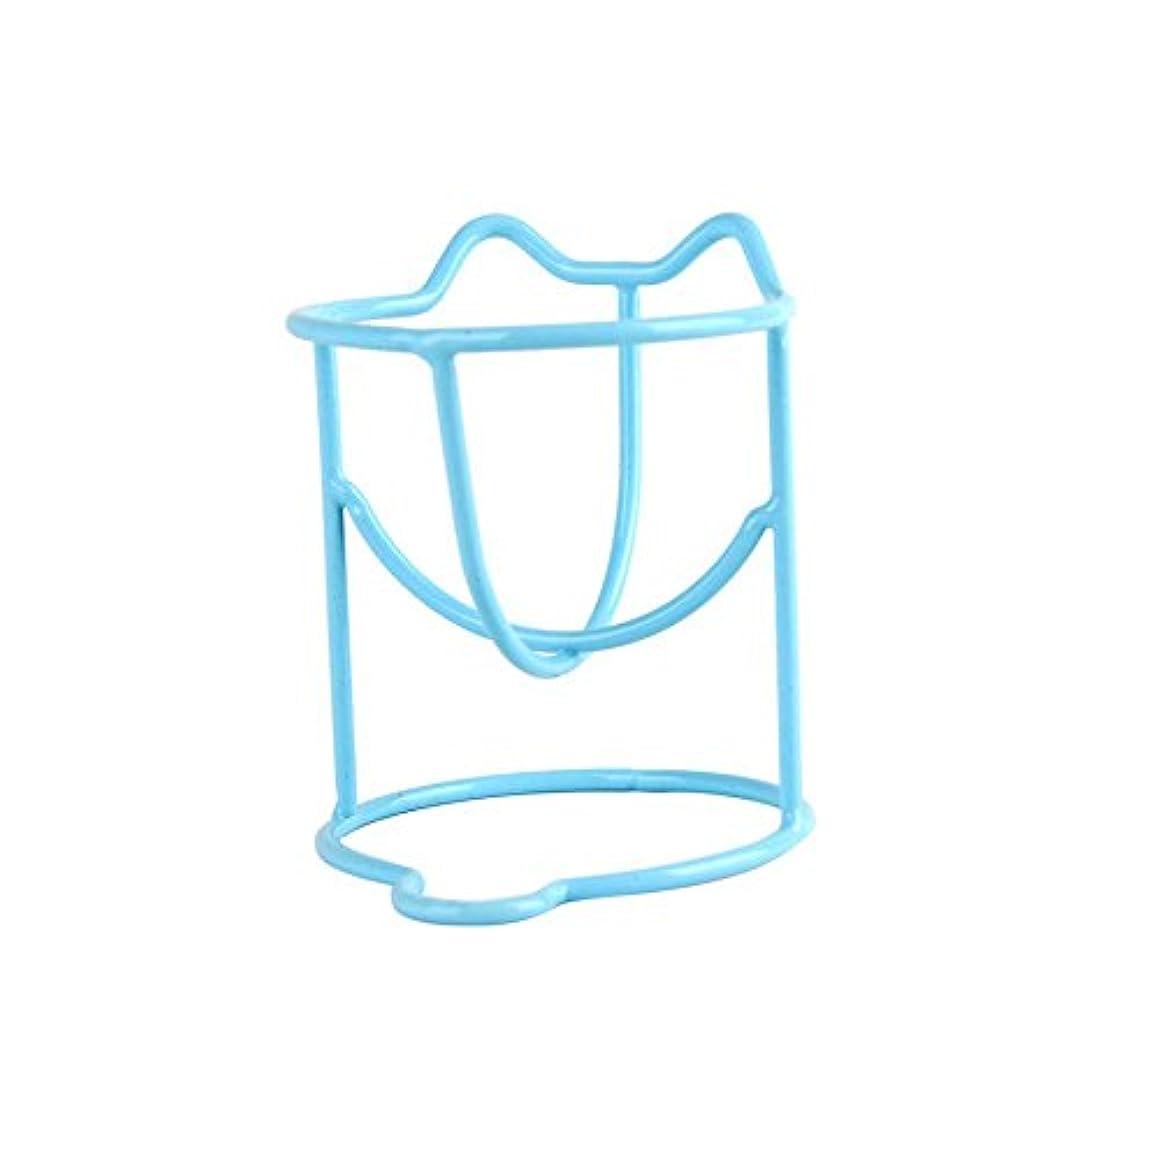 刺激する爆弾スラム街2つの乾燥ホルダーラックファッションメイク卵パウダーパフスポンジディスプレイスタンドのセット